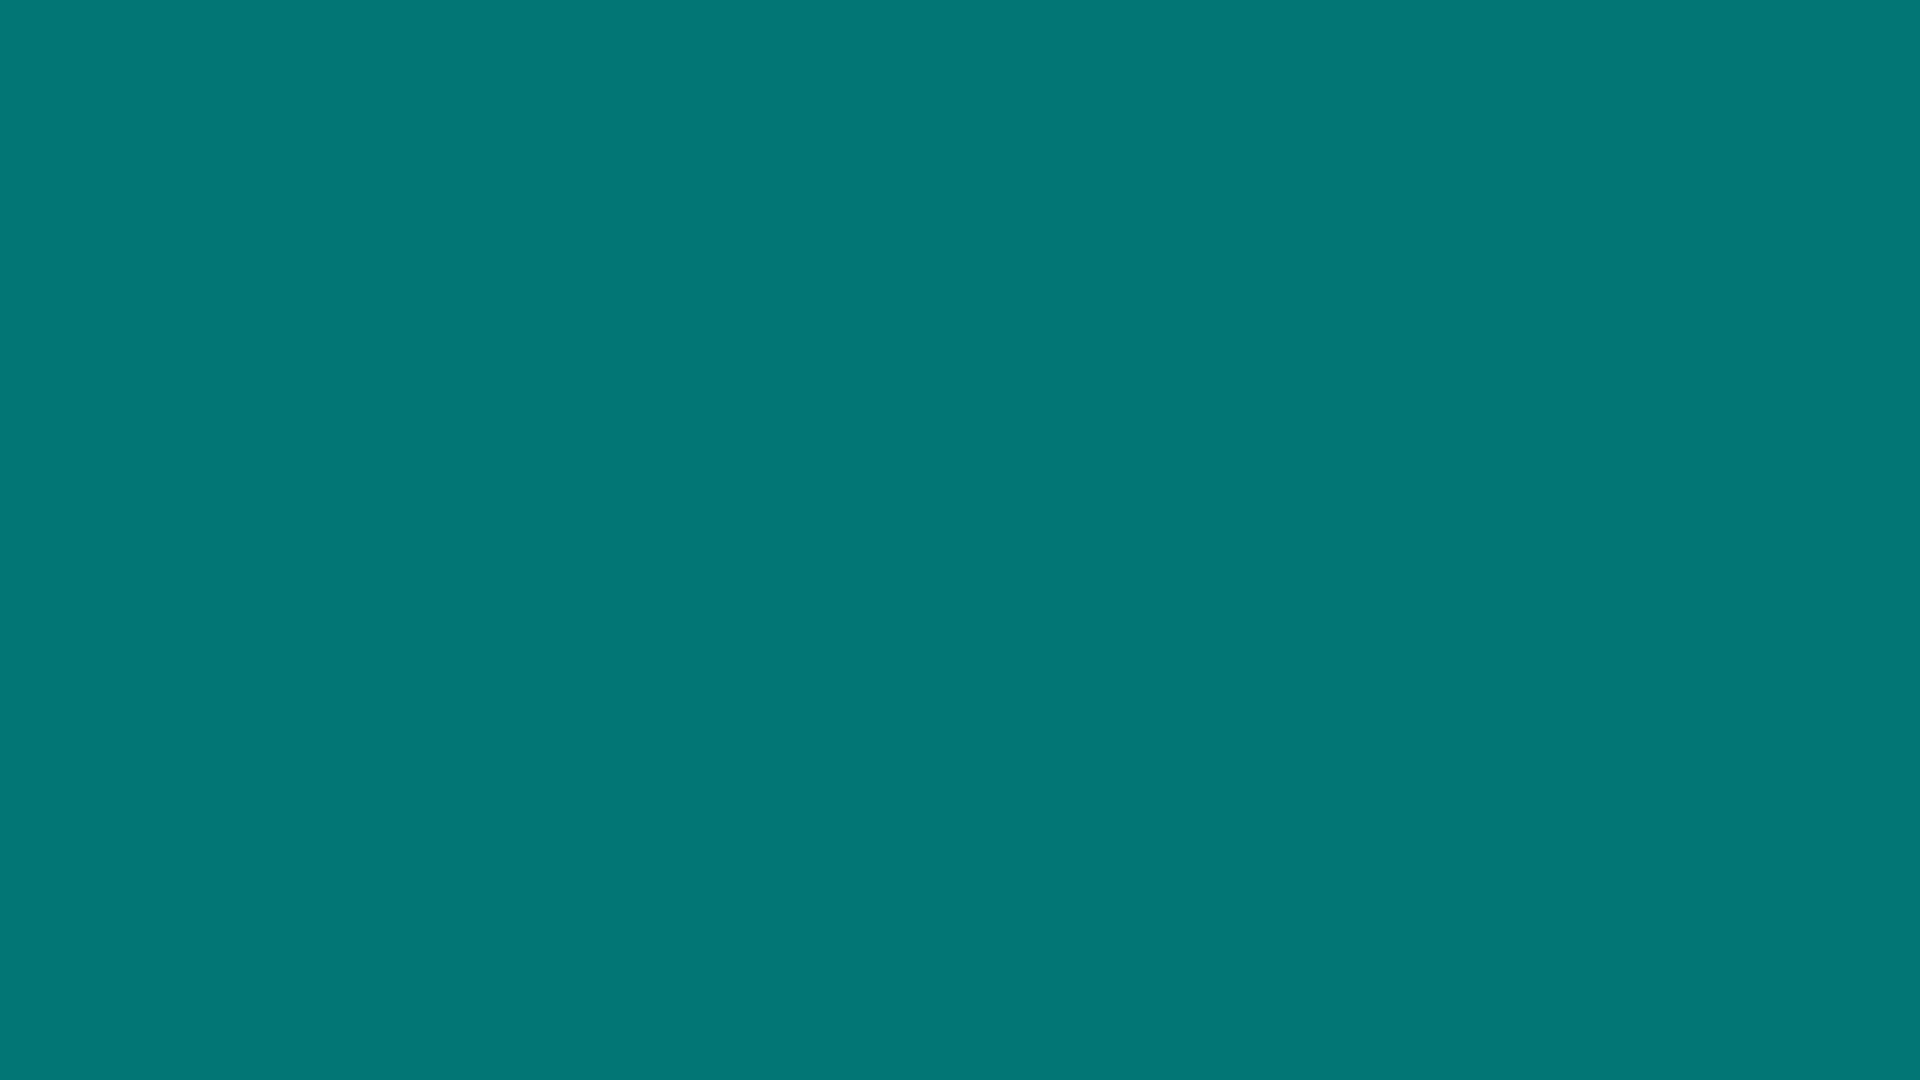 [공지]  서울대학교 아시아연구소 국제교류 및 국제학술활동 전문인력 최종 합격자 발표